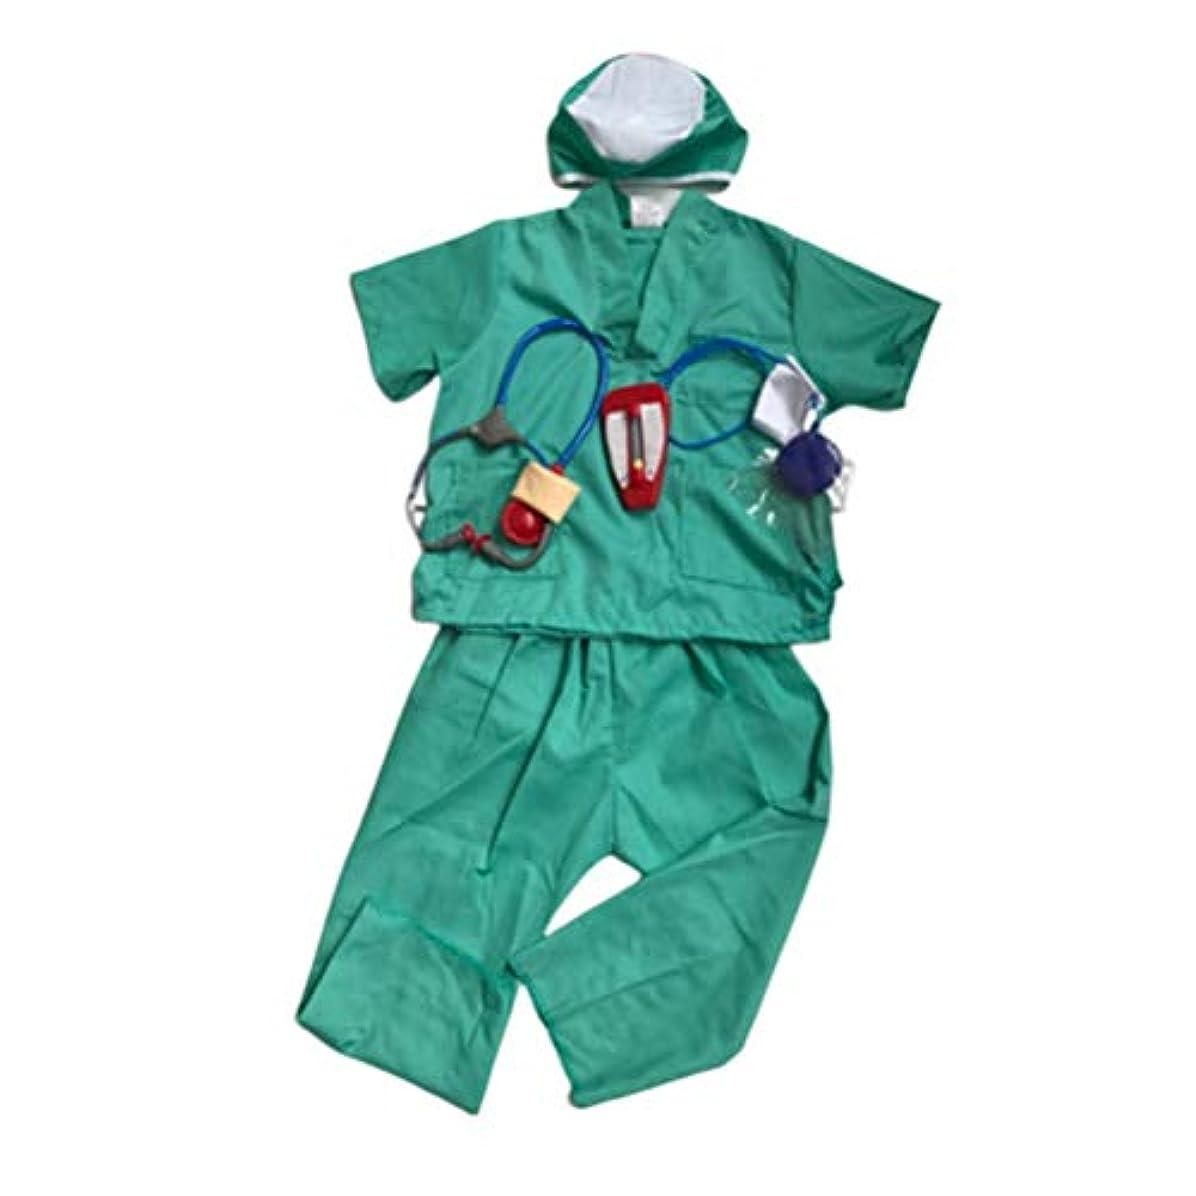 スマート汚すちなみにAmosfunドクターユニフォーム子供のための子供手術ガウンコスプレ衣装ロールプレイ衣装ハロウィン仮装パーティー